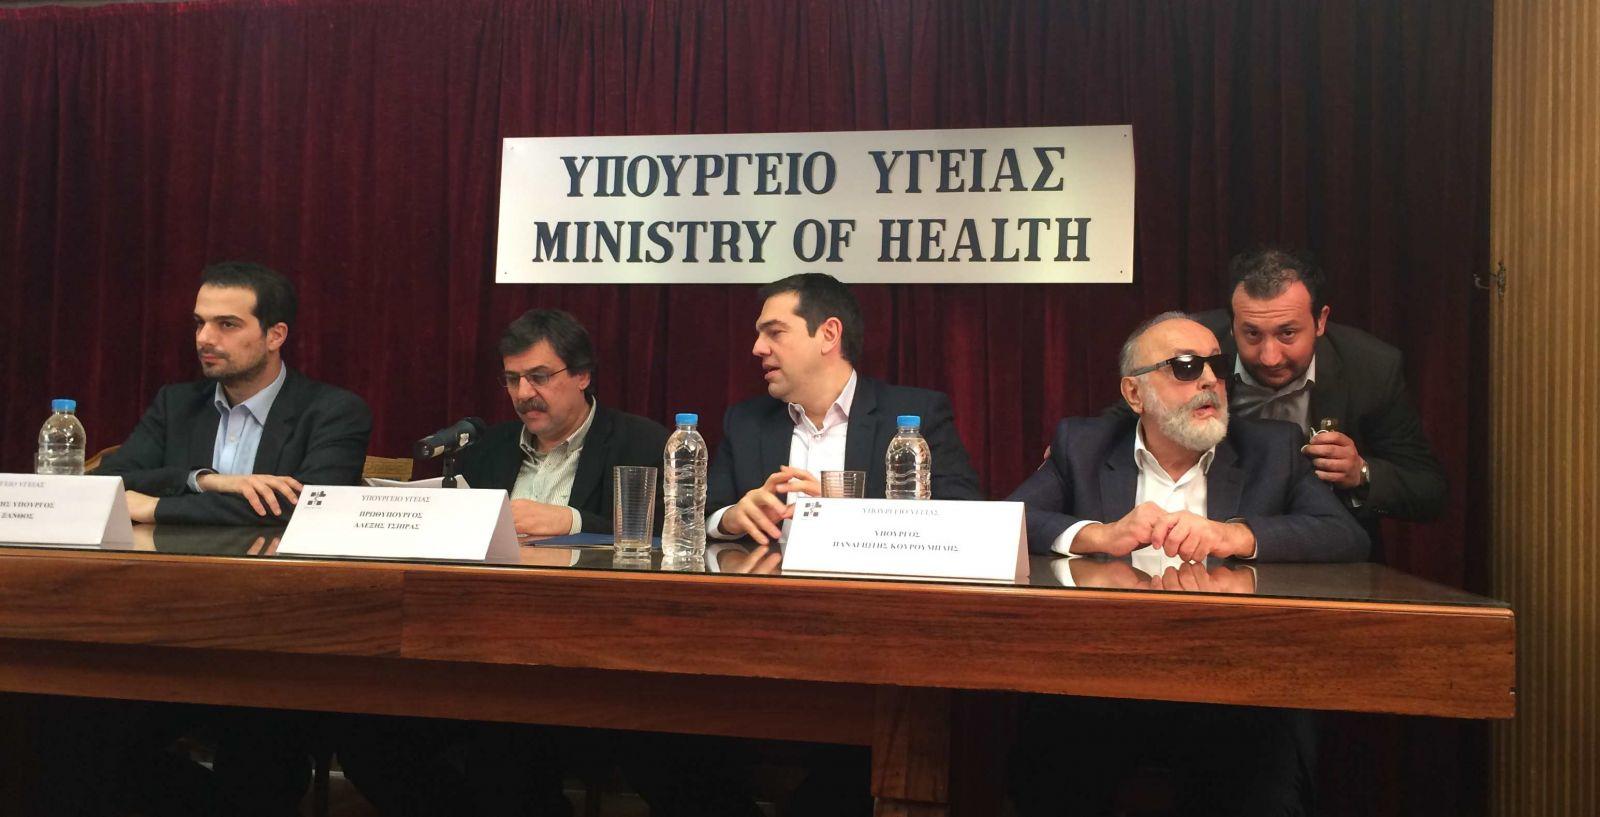 Στο υπουργείο Υγείας ο Αλέξης Τσίπρας! Δείτε τι ανακοίνωσε (ΦΩΤΟ)